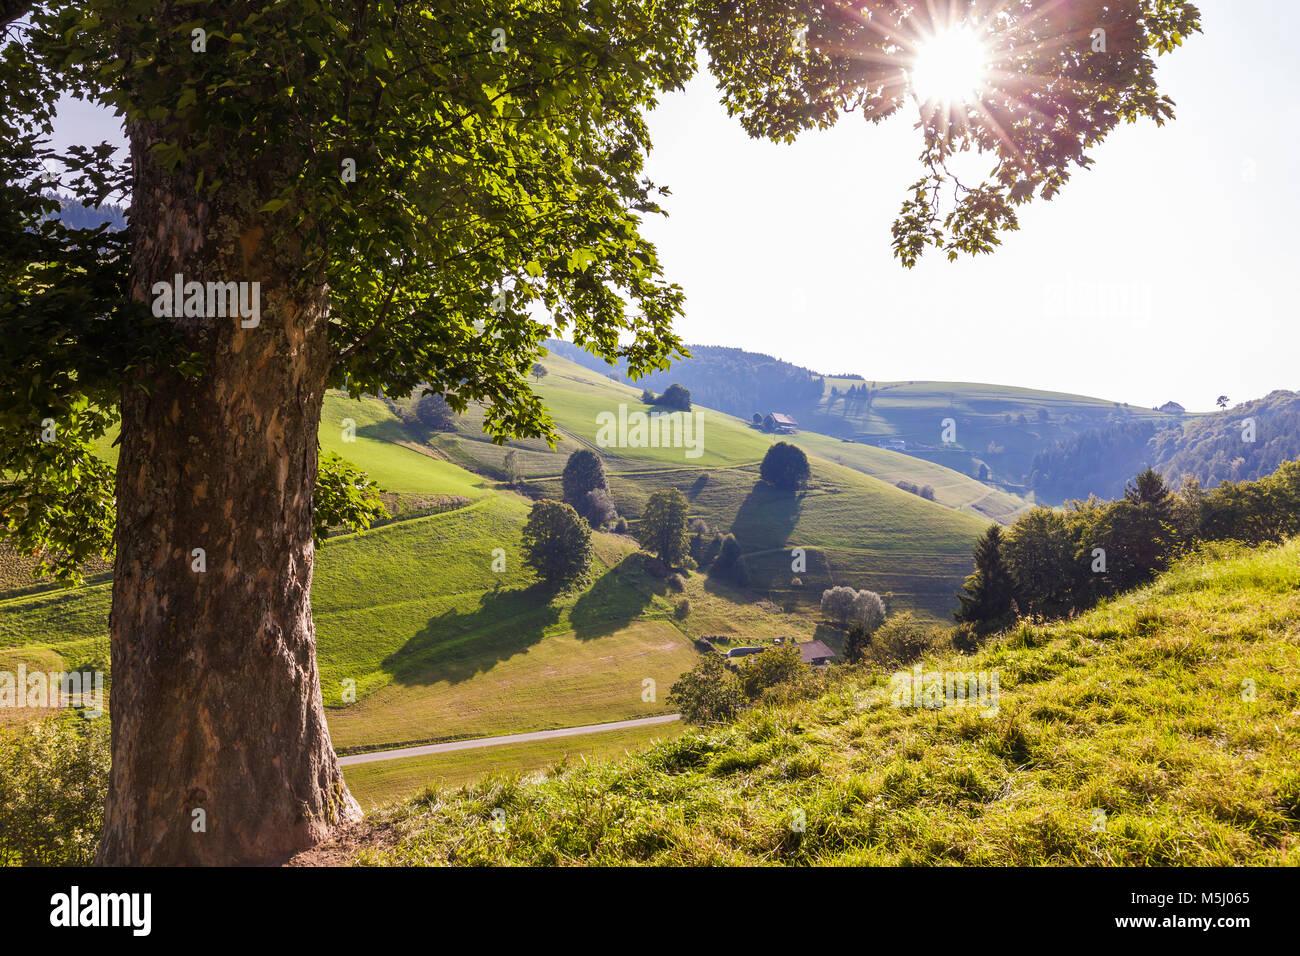 Deutschland, Baden-Württemberg, Schwarzwald, Münstertal, Baum, Wiesen, Wald, Schwarzwaldhof, Schwarzwaldhaus, Stockbild